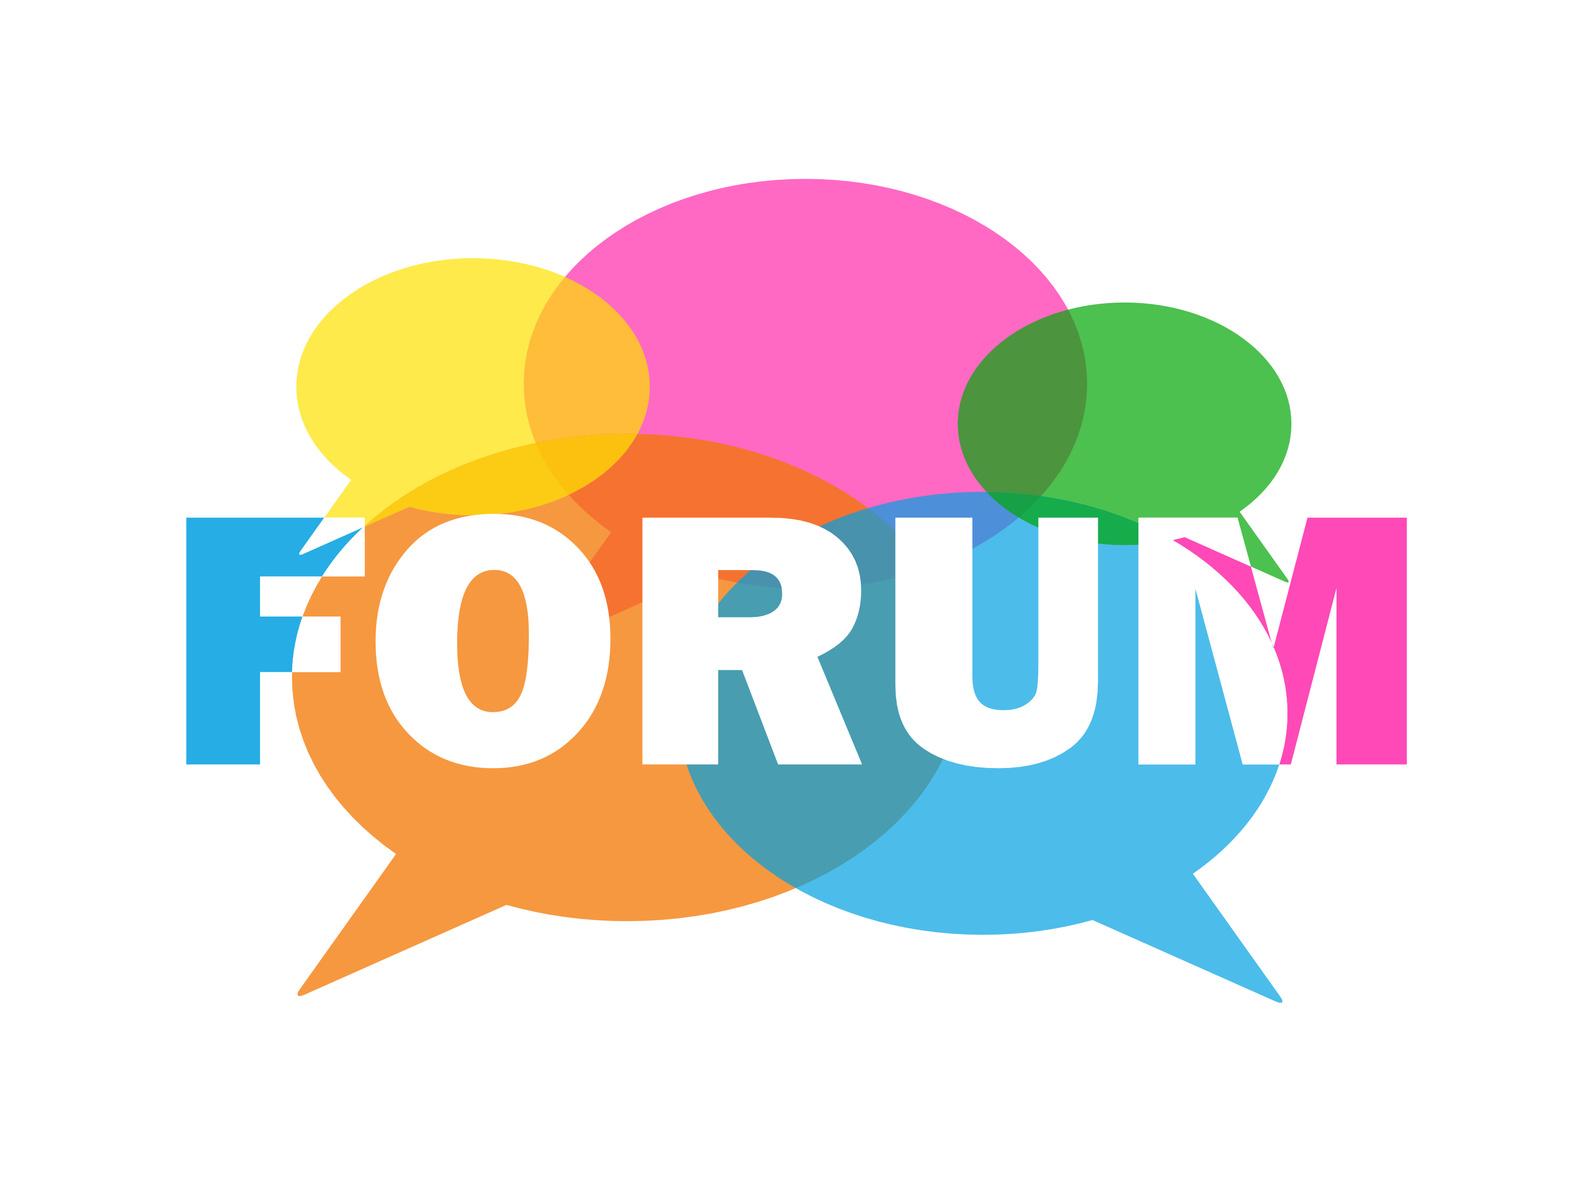 Get 10 Forum Post backlinks